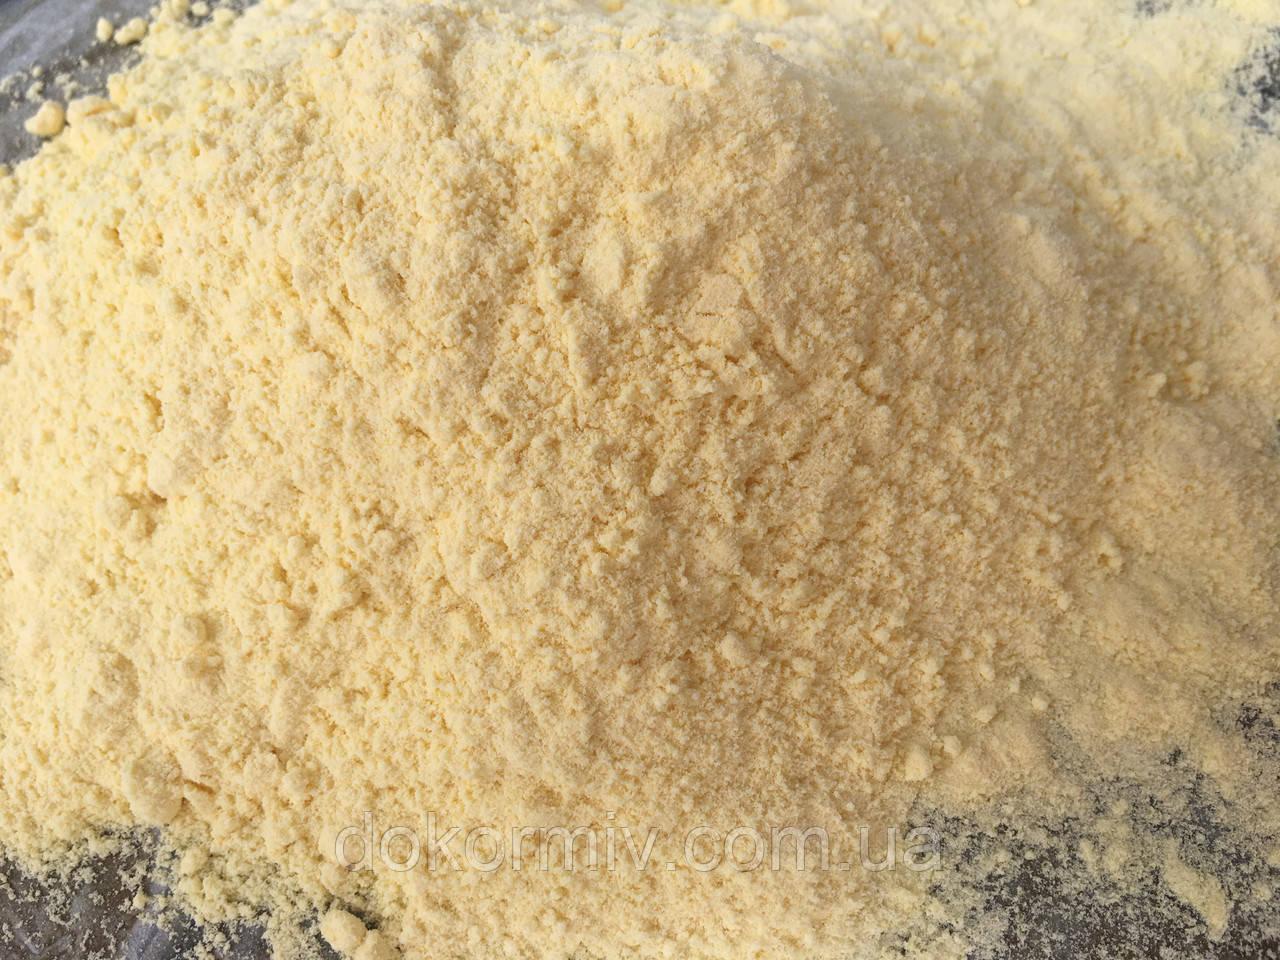 Кукурузная мука (кондитерская) ультратонкого помола